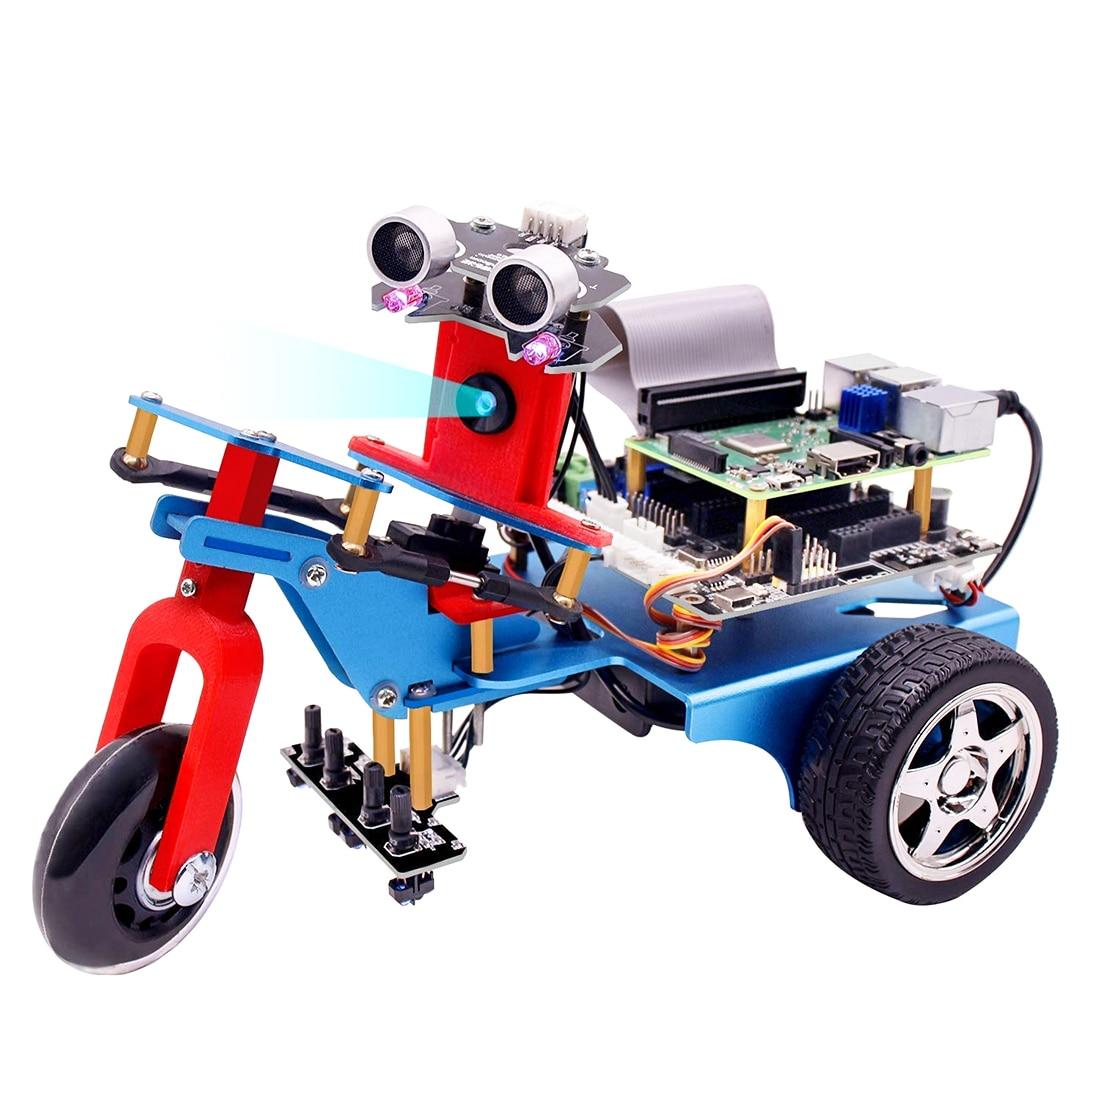 Framboise Pi TrikeBot Robot intelligent Kit de voiture apprentissage Programmable avec caméra HD Kit de Robot à monter soi-même vidéo enfants jouets programmables